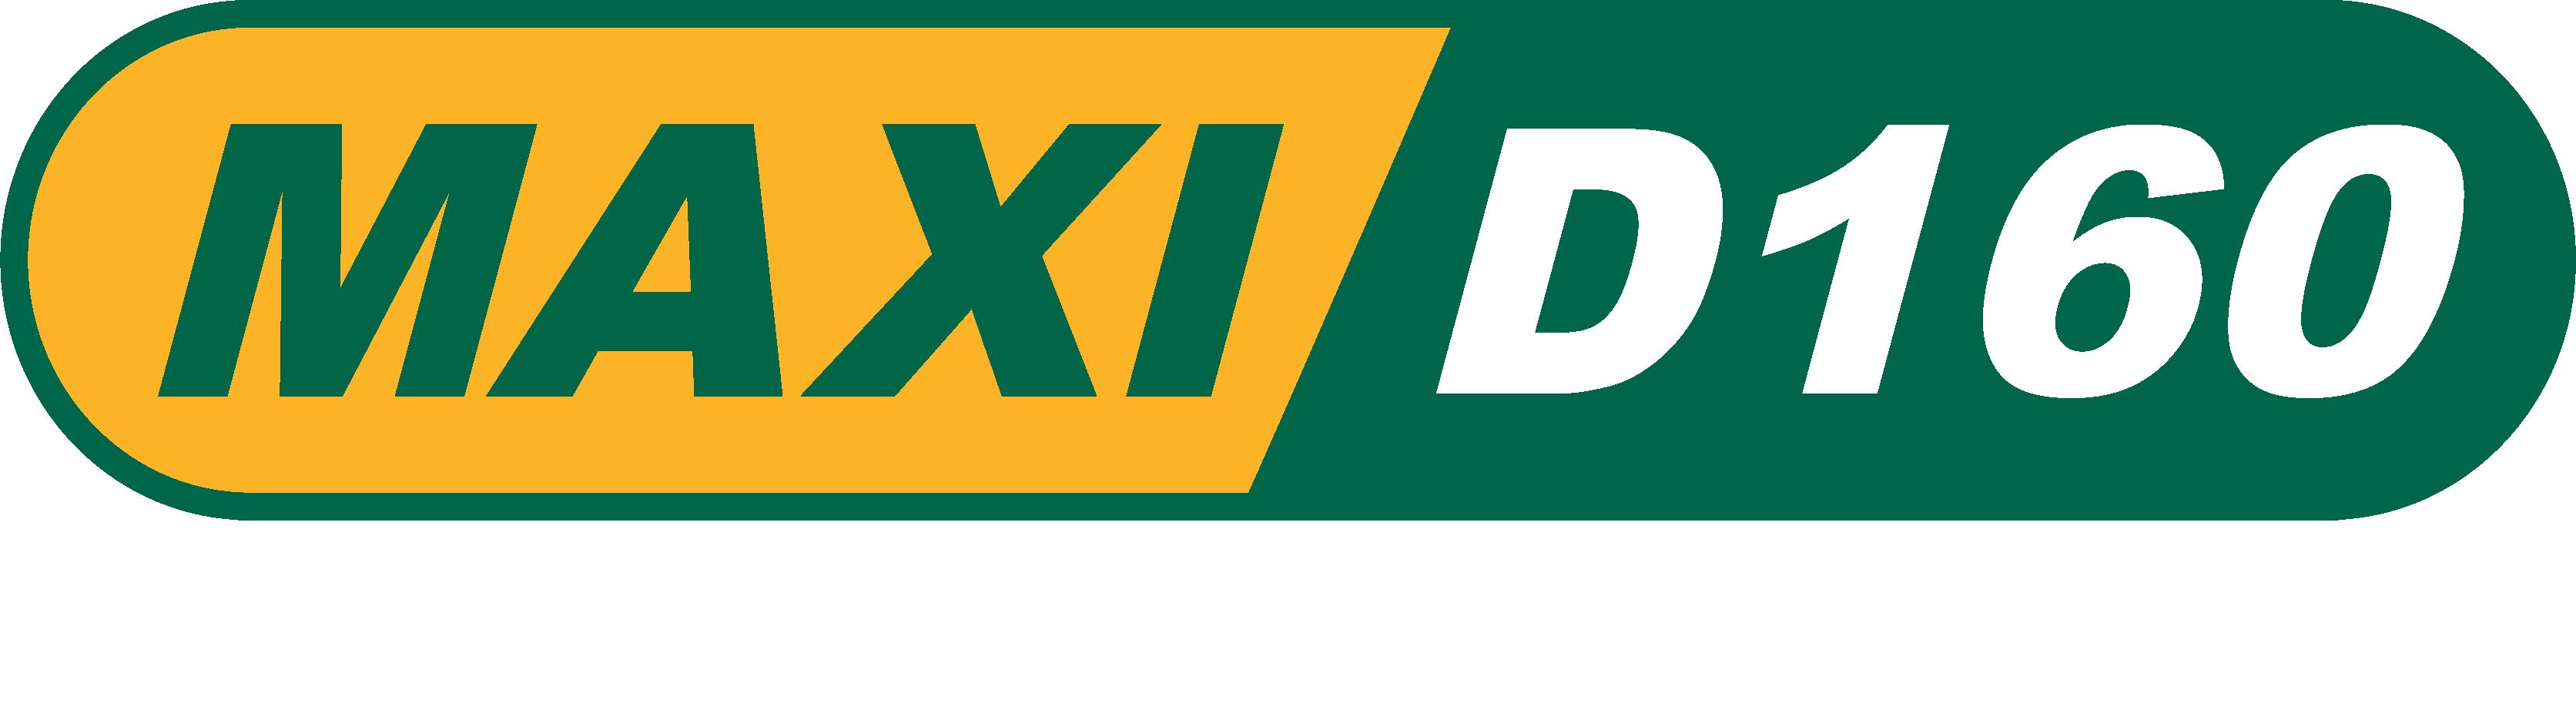 Maxi D160 slogan_white 2